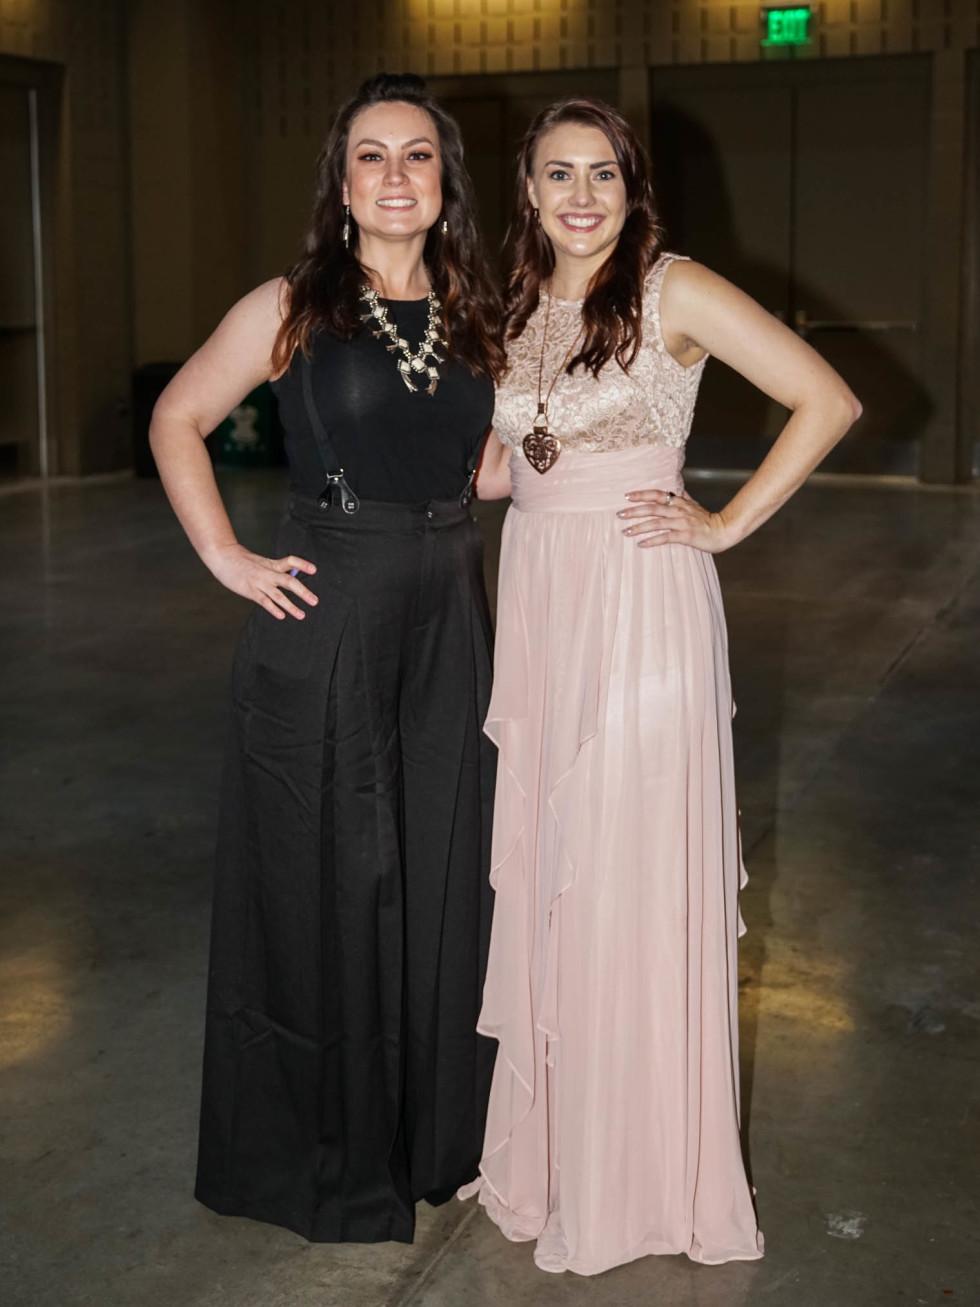 Austin Rodeo Gala 2018 Fashion Alexis Hostetter Kailin Miner